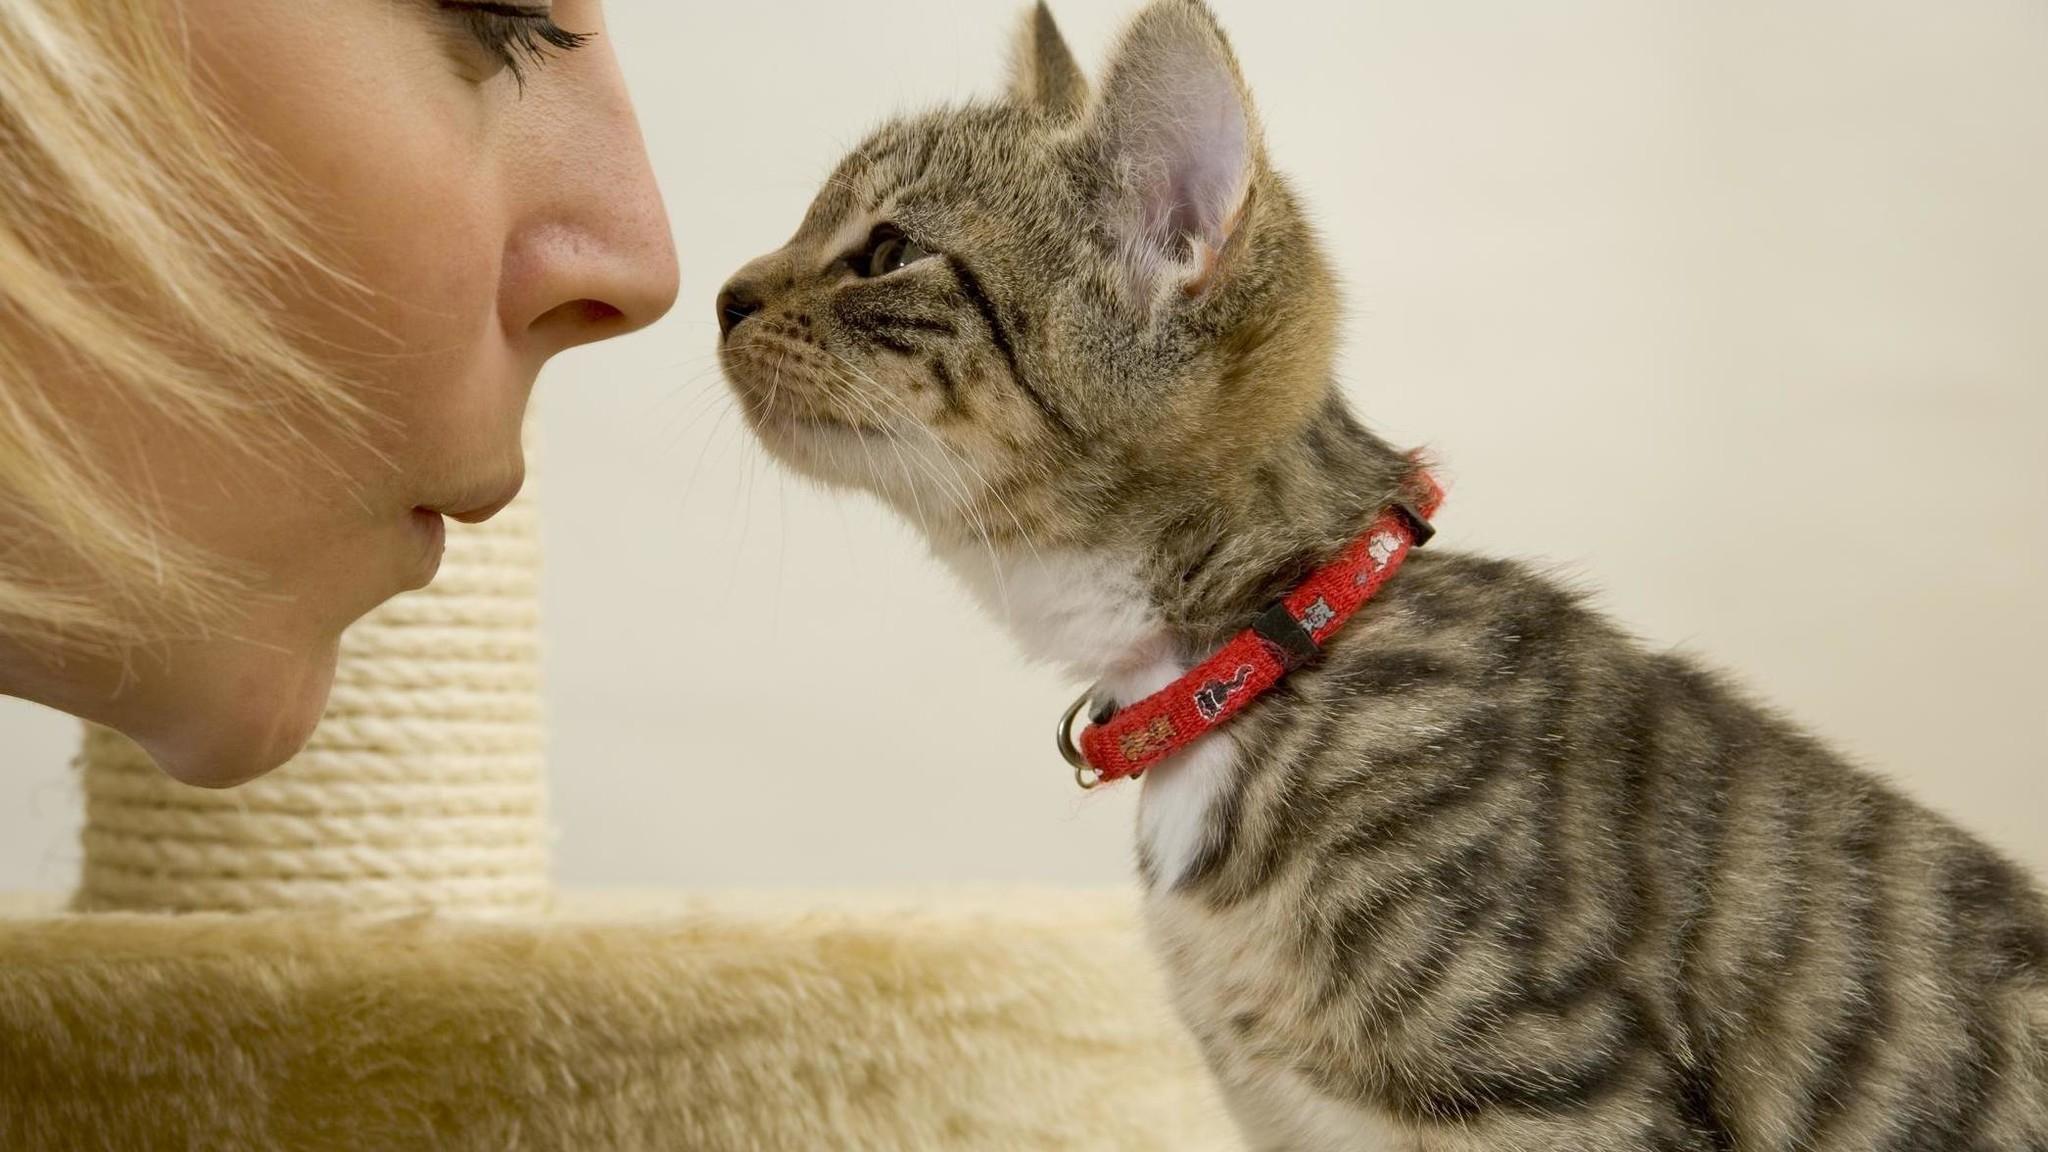 Кошки могут повторять действия человека